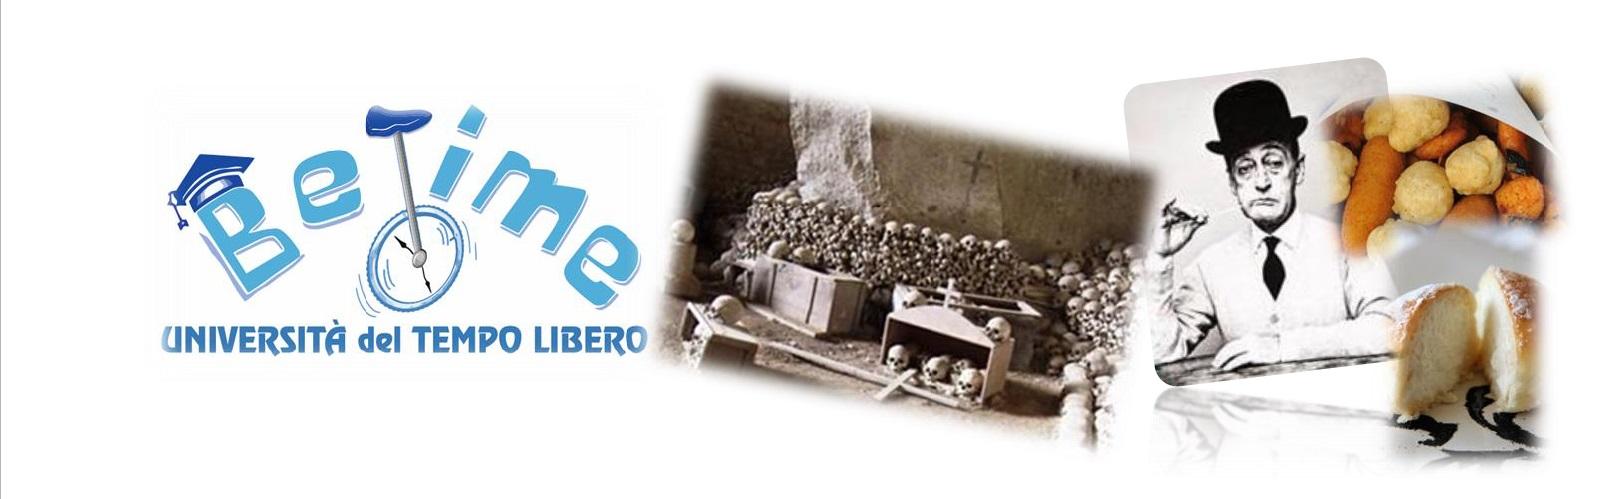 Napoli: rione Sanità e cimitero delle Fontanelle con cuoppo fritto e fiocco di neve!